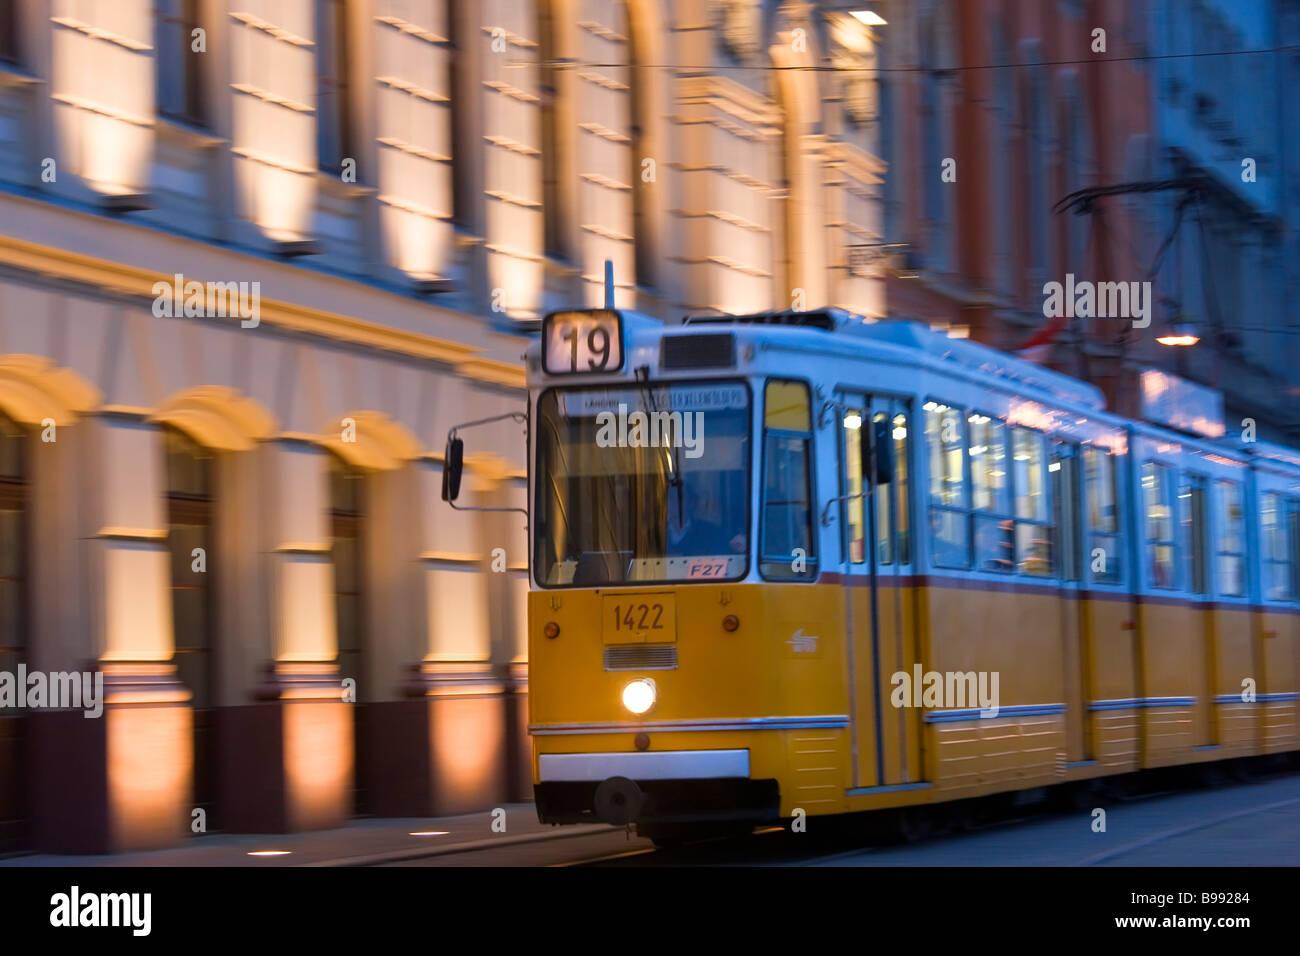 Straßenbahn Budapest Ungarn Stockbild